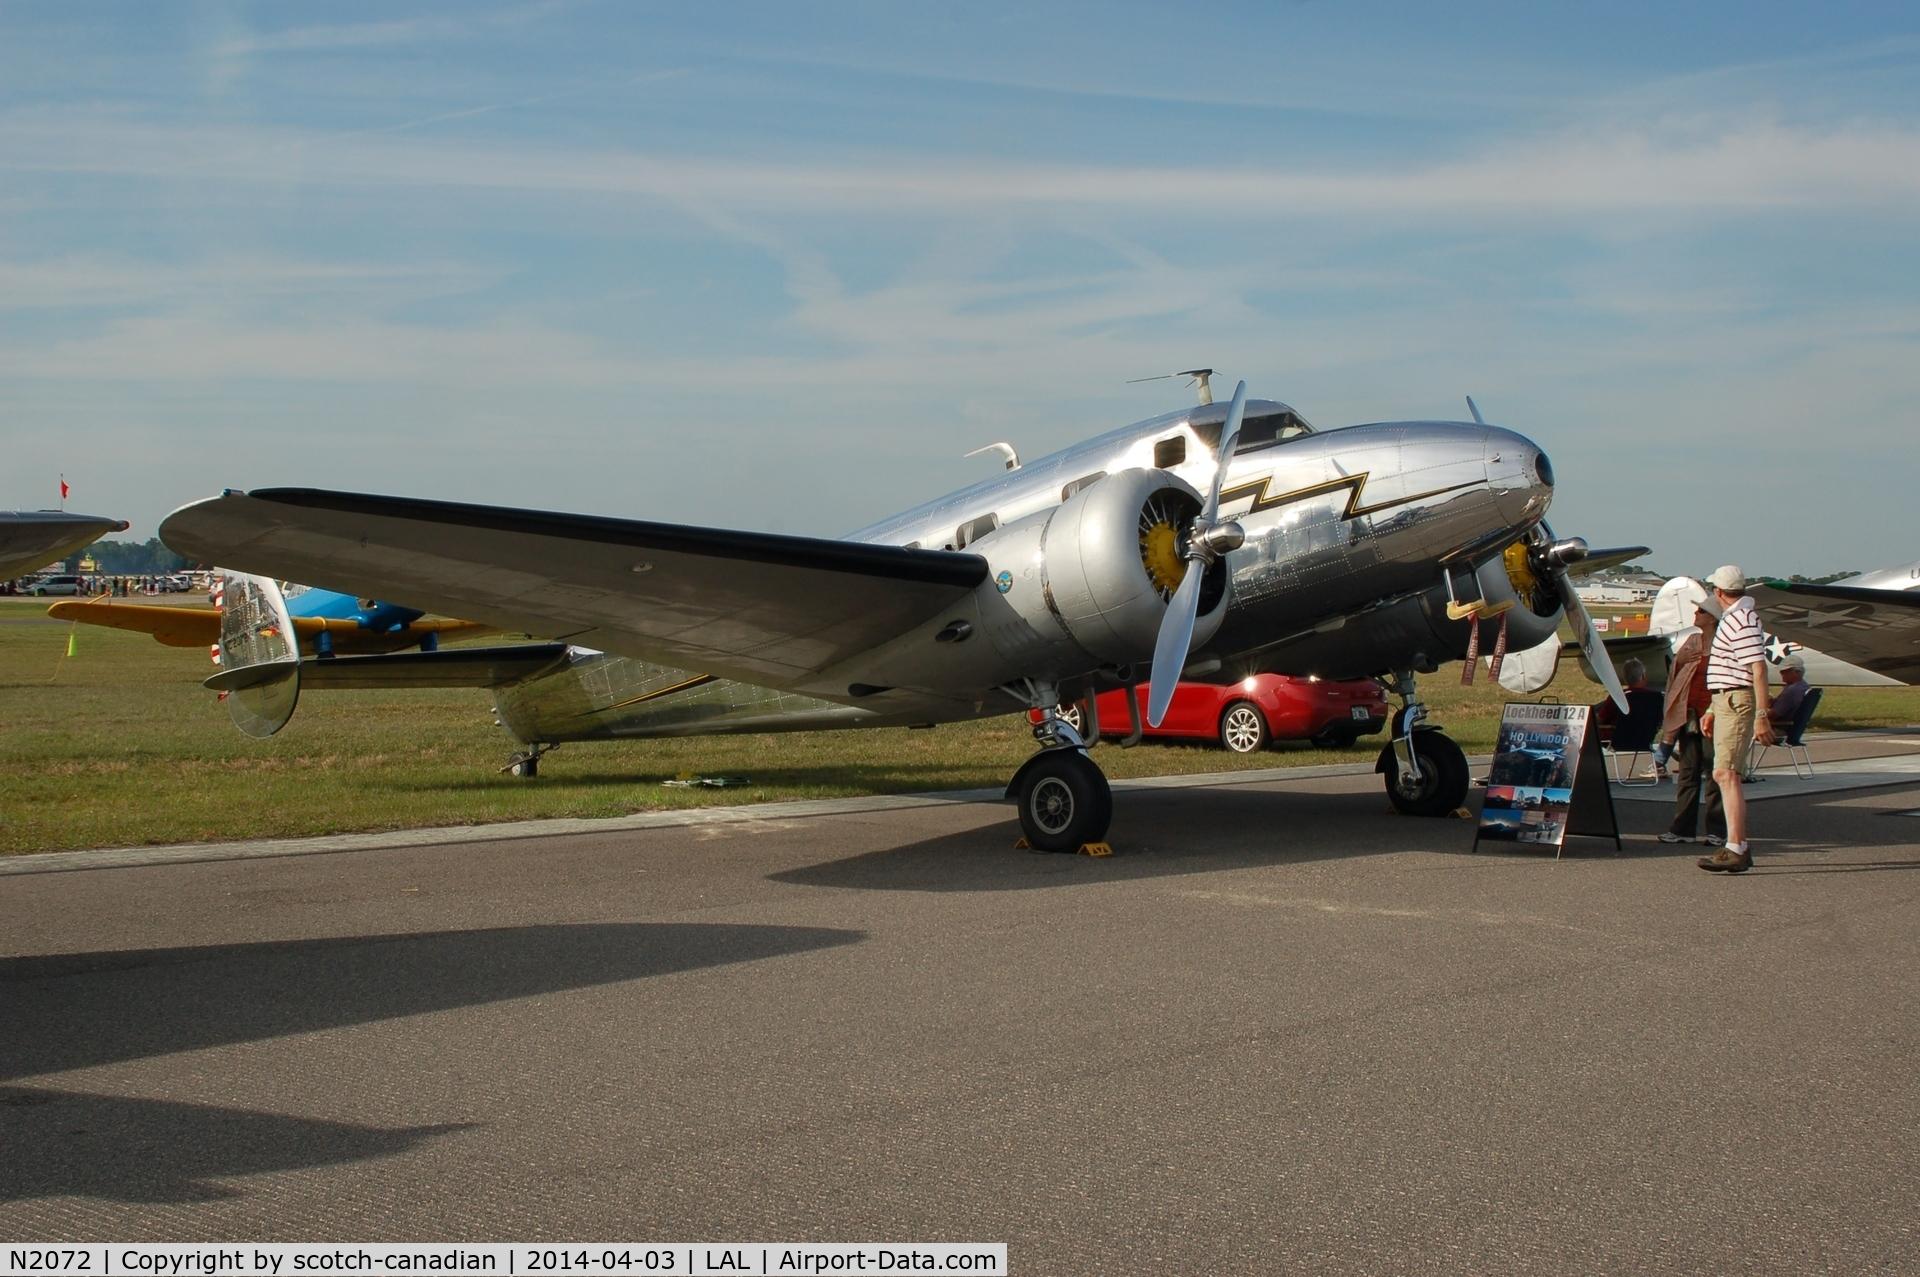 N2072, 1936 Lockheed 12A C/N 1208, 1936 Lockheed 12A, N2072, at 2014 Sun n Fun, Lakeland Linder Regional Airport, Lakeland, FL